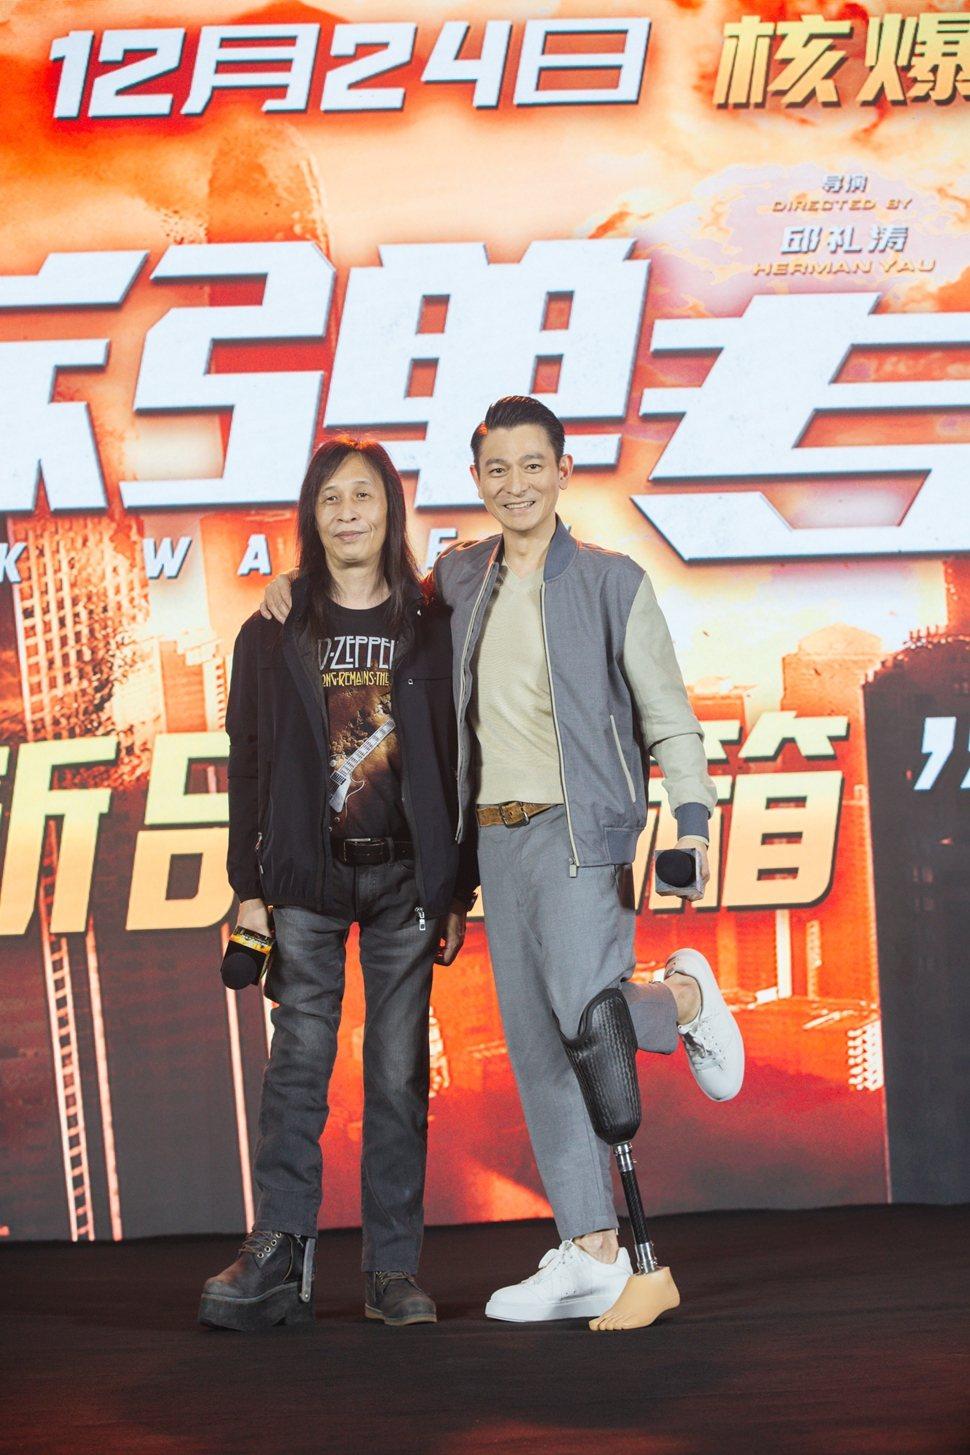 劉德華(右)在「拆彈專家2」再度穿上假義肢,左為導演邱禮濤。圖/華映提供